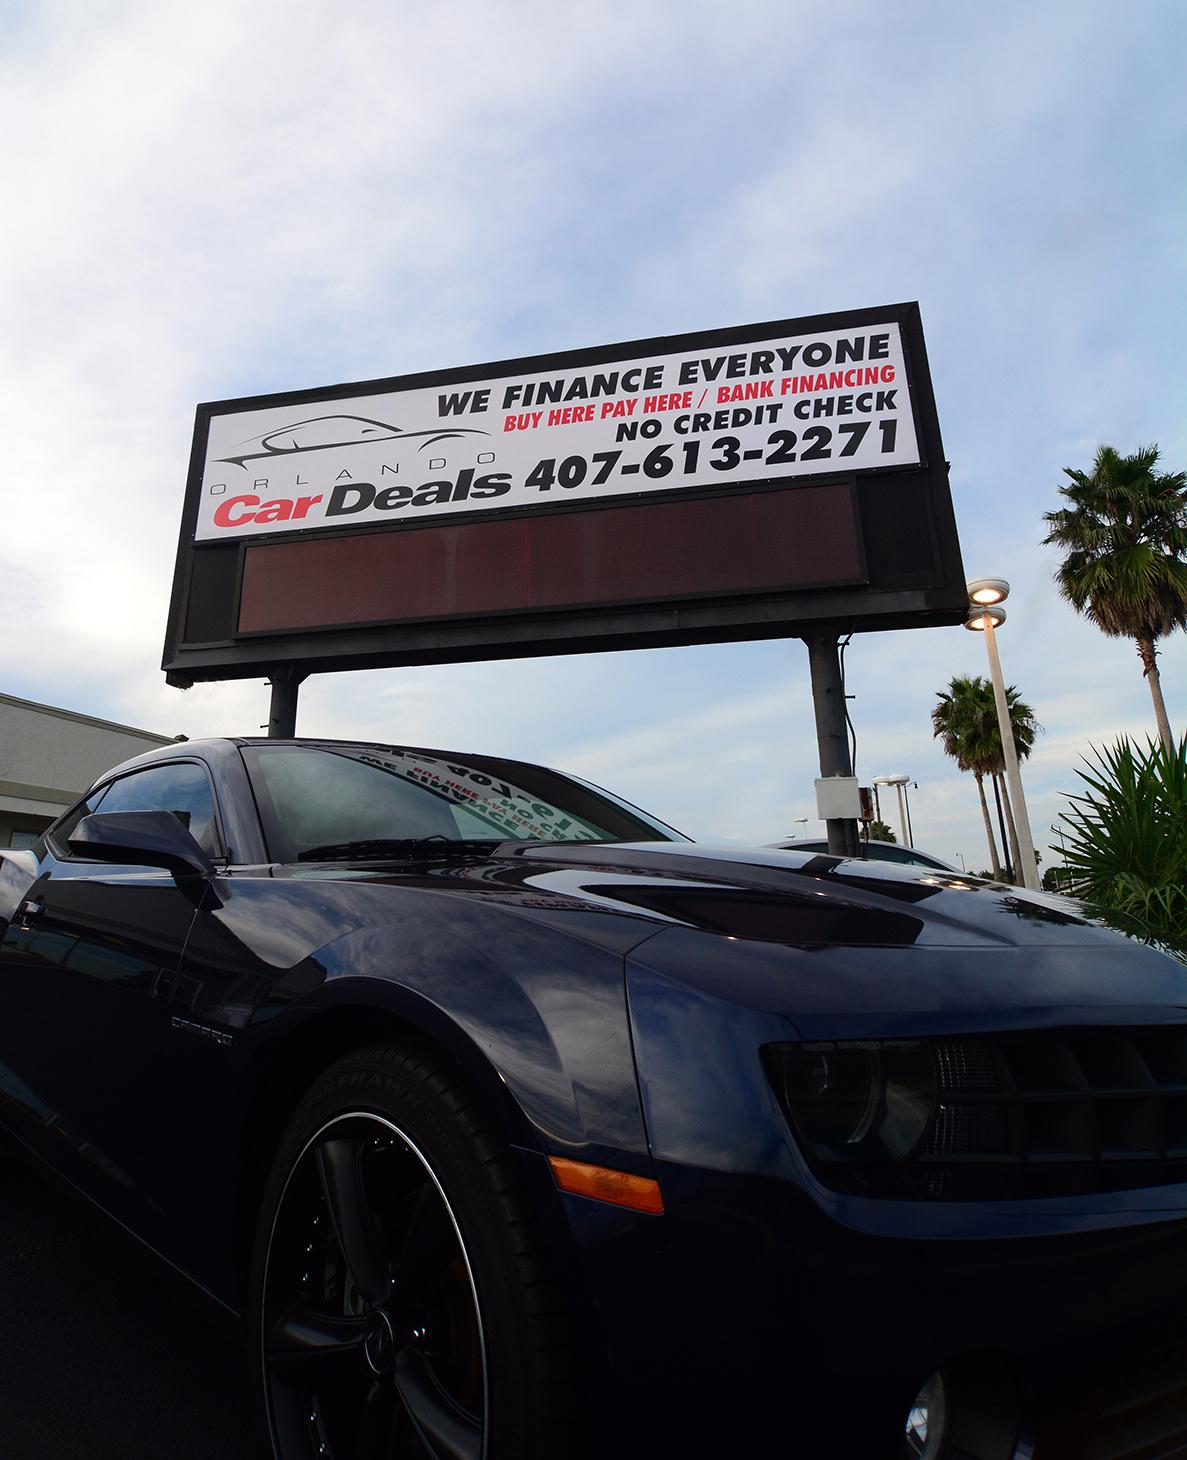 Orlando Car Deals image 97